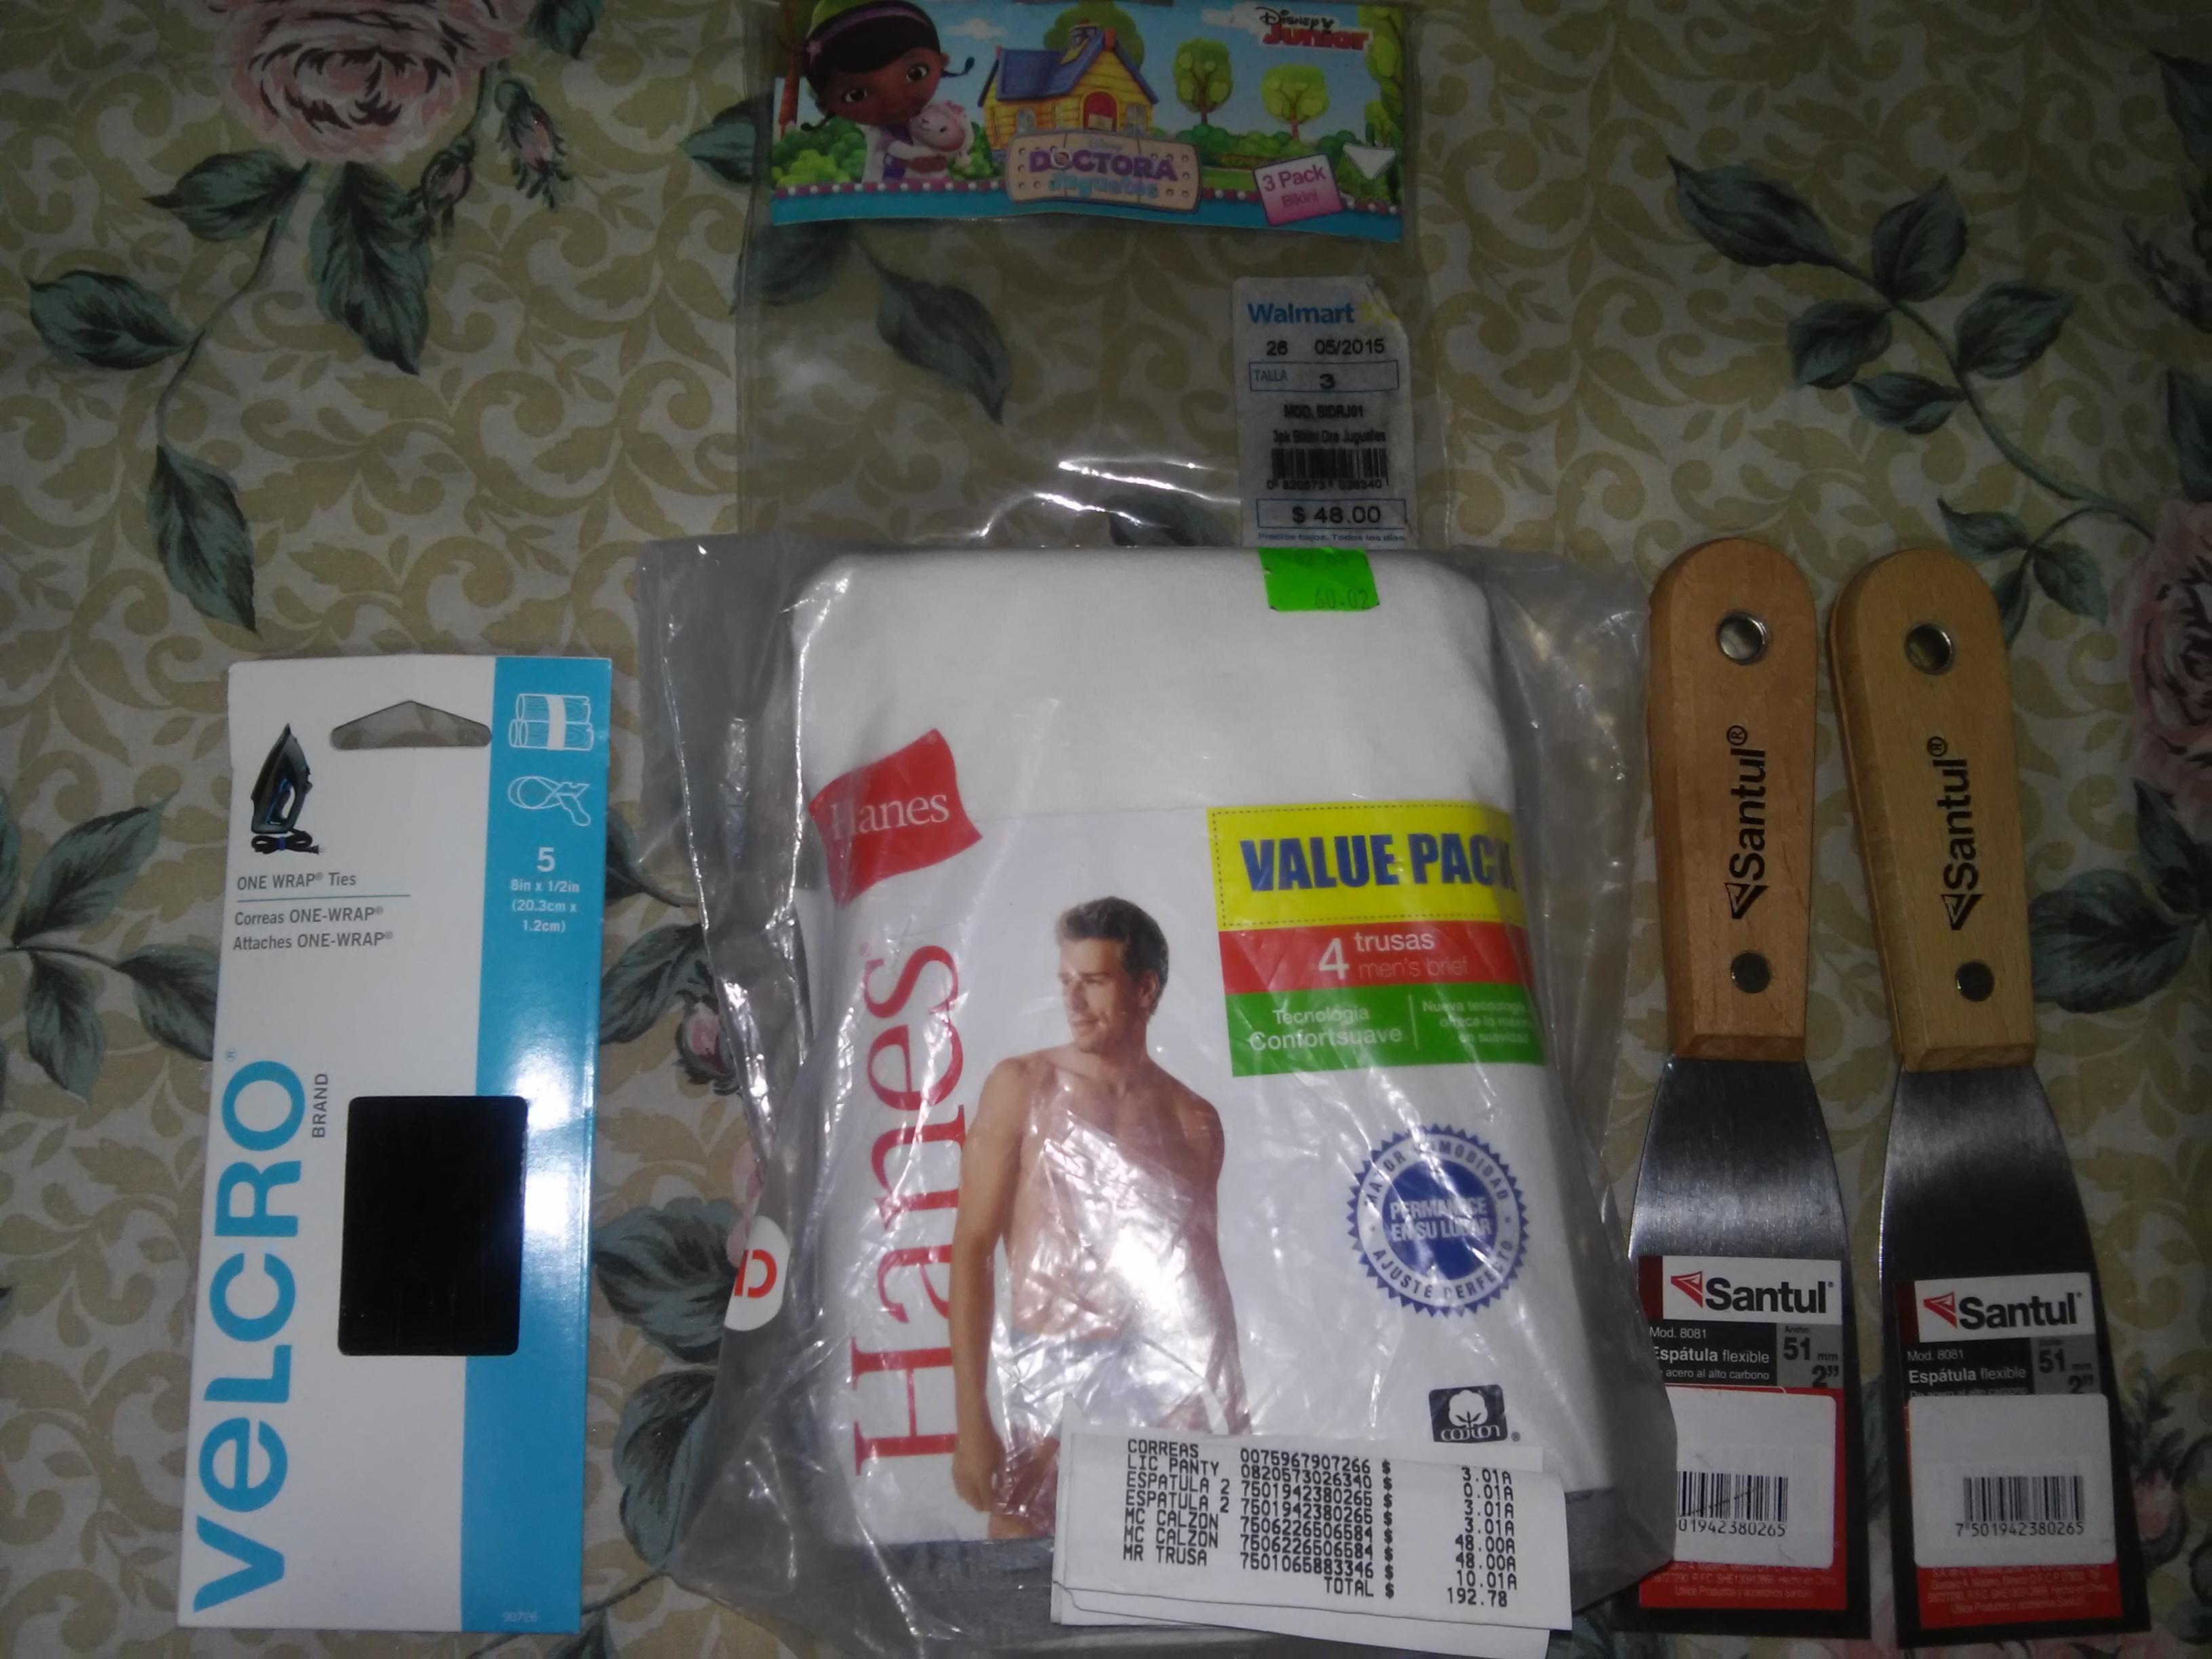 Walmart Miramontes: 4 Trusas Men's brief Hanes y mas!!!